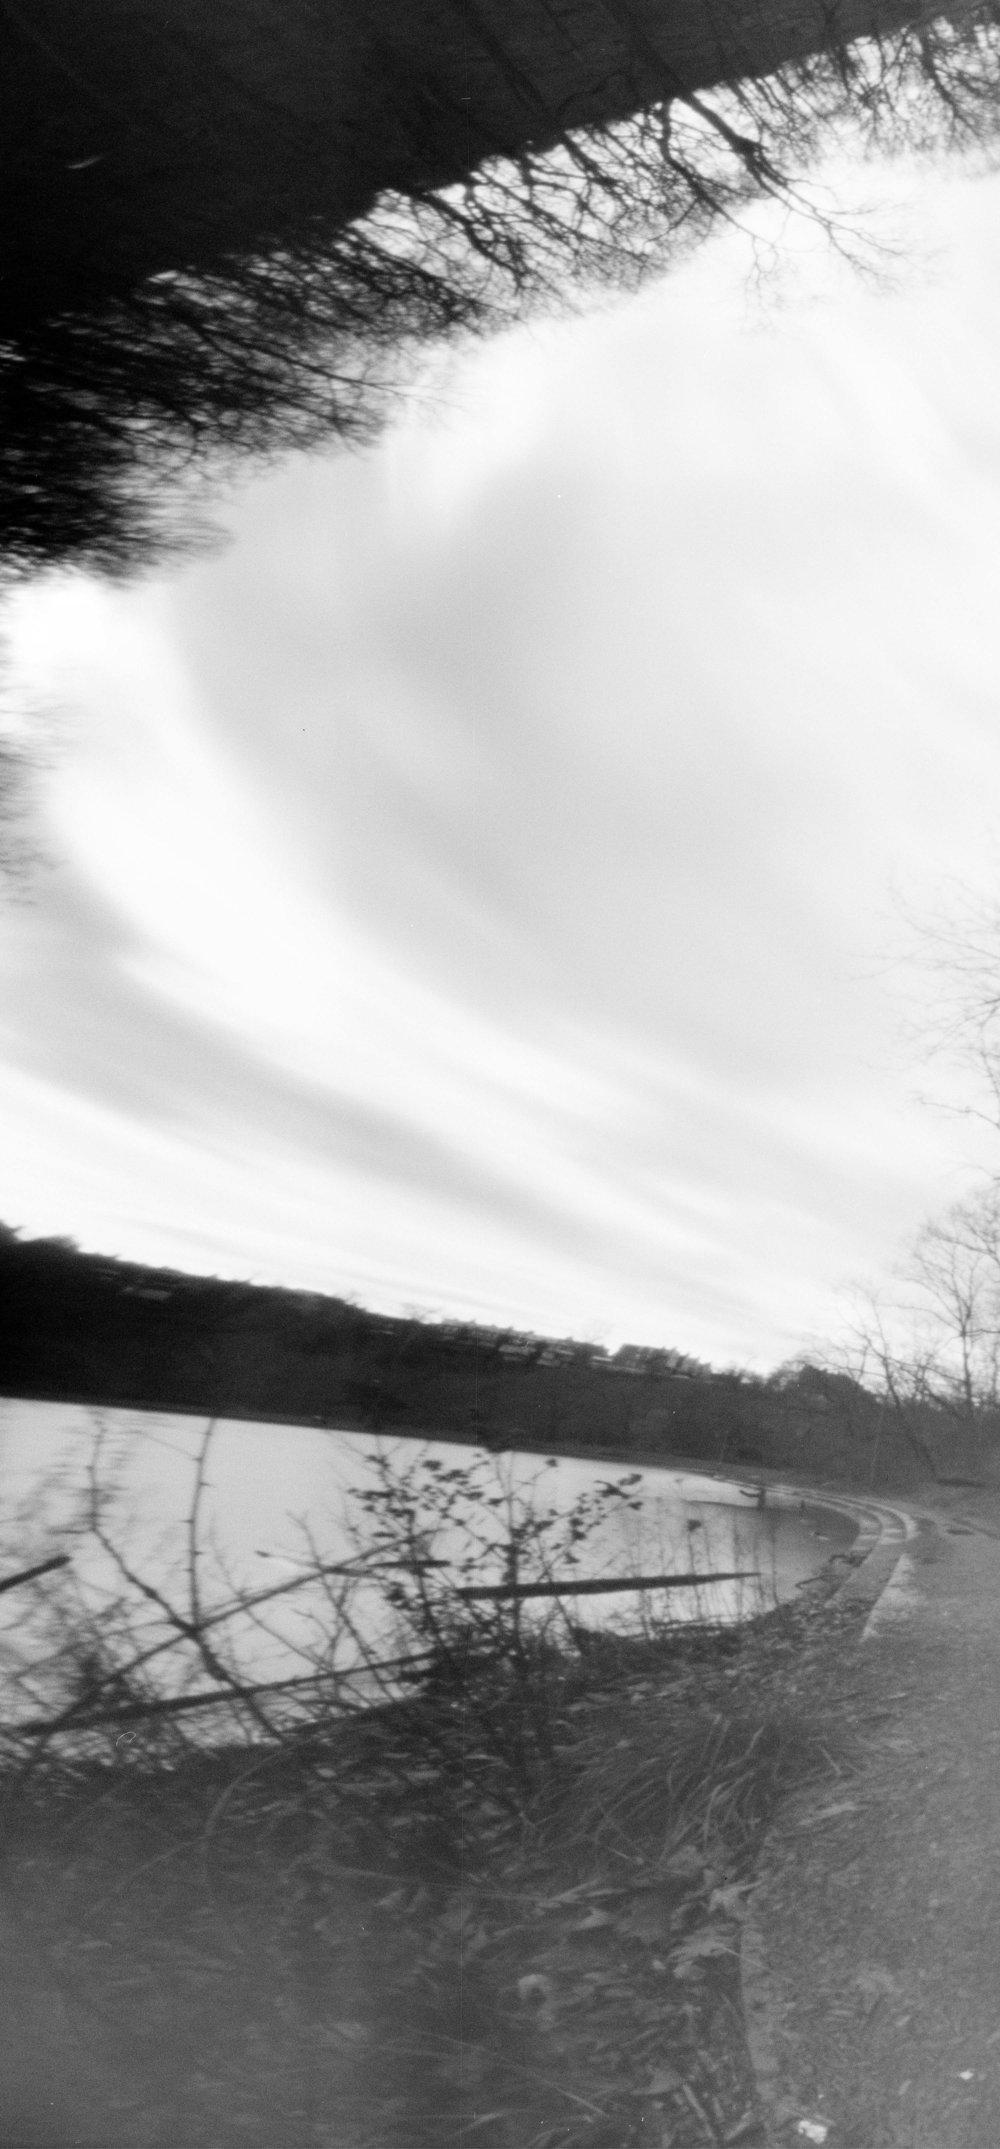 Ground and Sky, Pinhole Camera